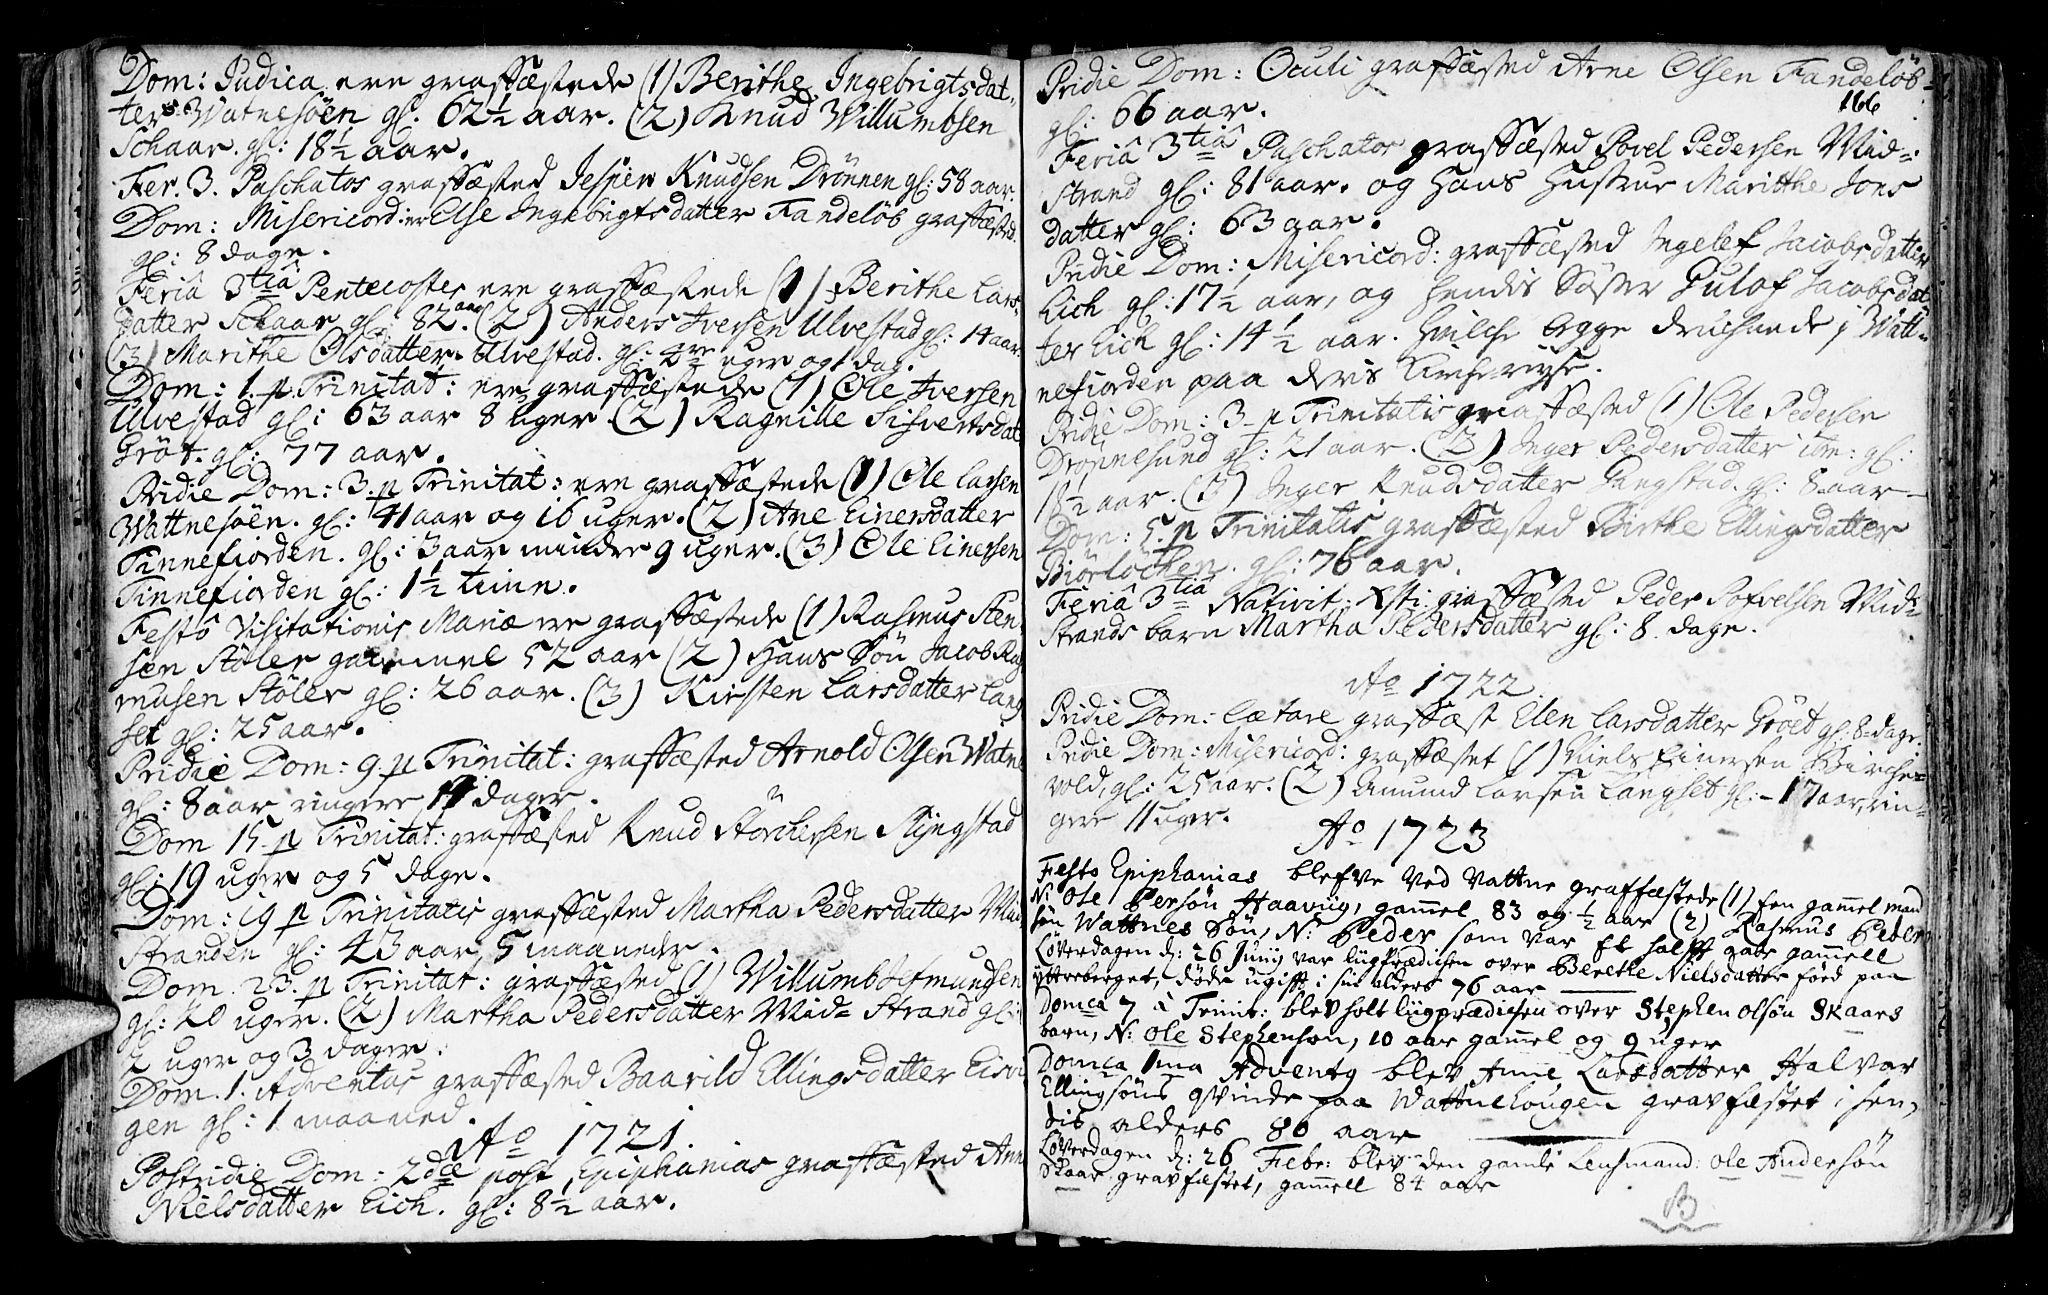 SAT, Ministerialprotokoller, klokkerbøker og fødselsregistre - Møre og Romsdal, 525/L0371: Ministerialbok nr. 525A01, 1699-1777, s. 166